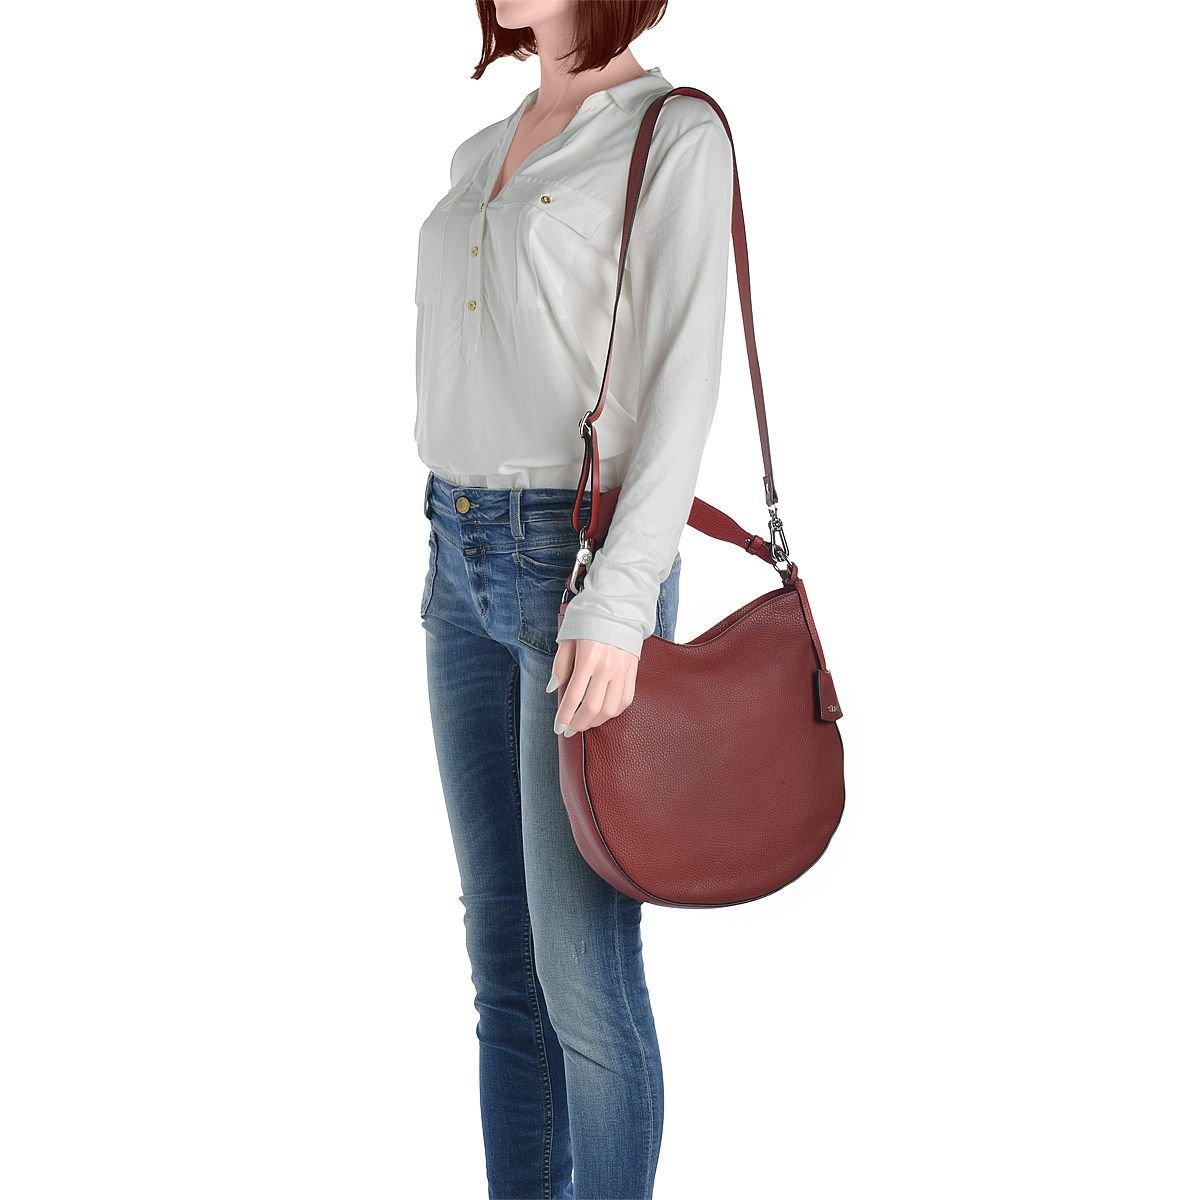 Die Dame trägt eine Abro Beutelasche in schönem rot